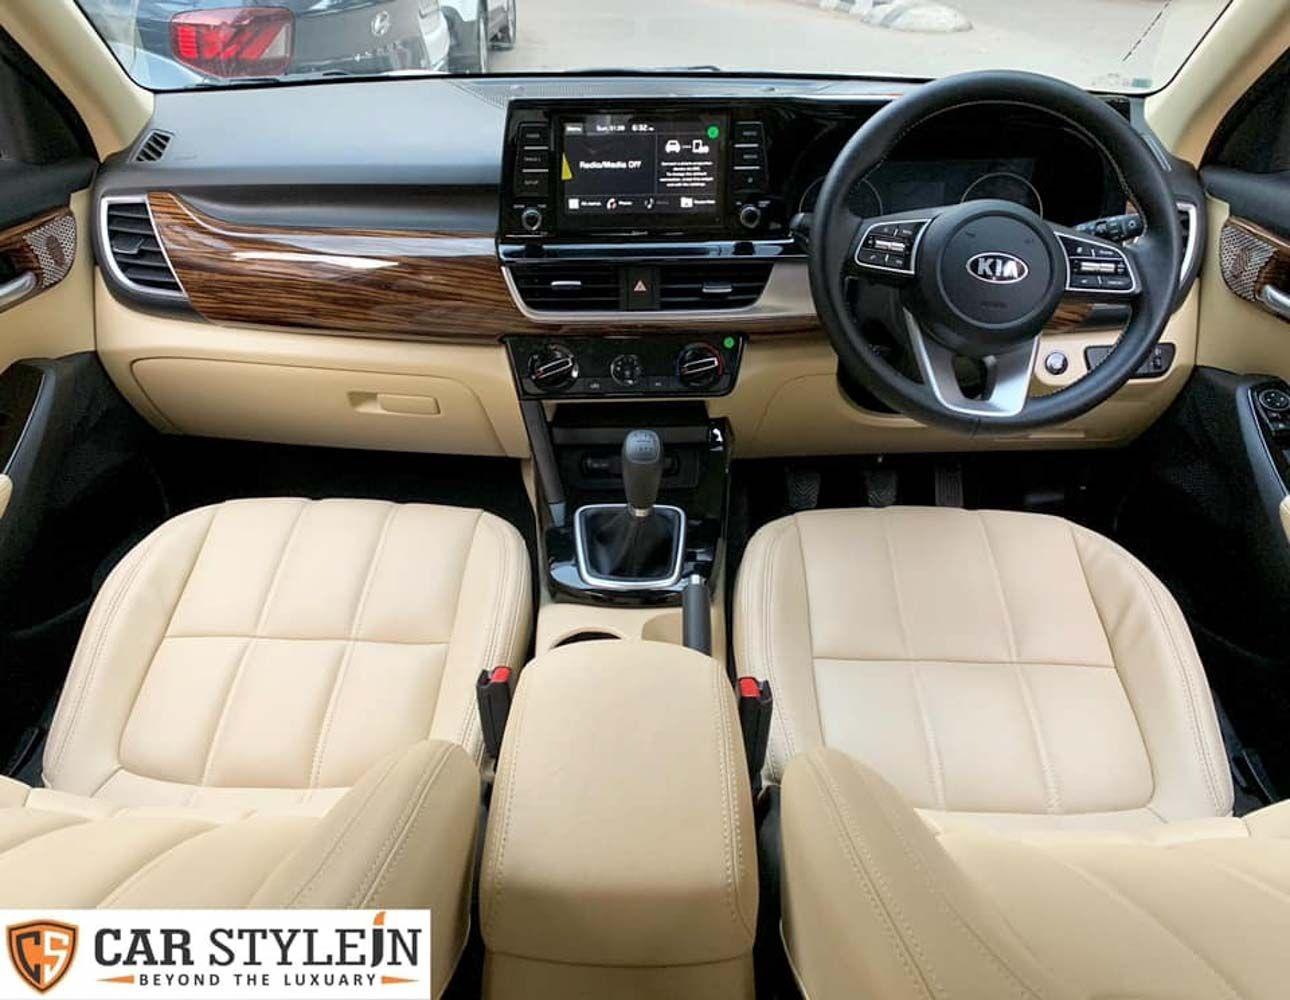 Kia Seltos Customized With Luxurious Cabin Looks Opulent In 2020 Kia Luxury Luxury Interior